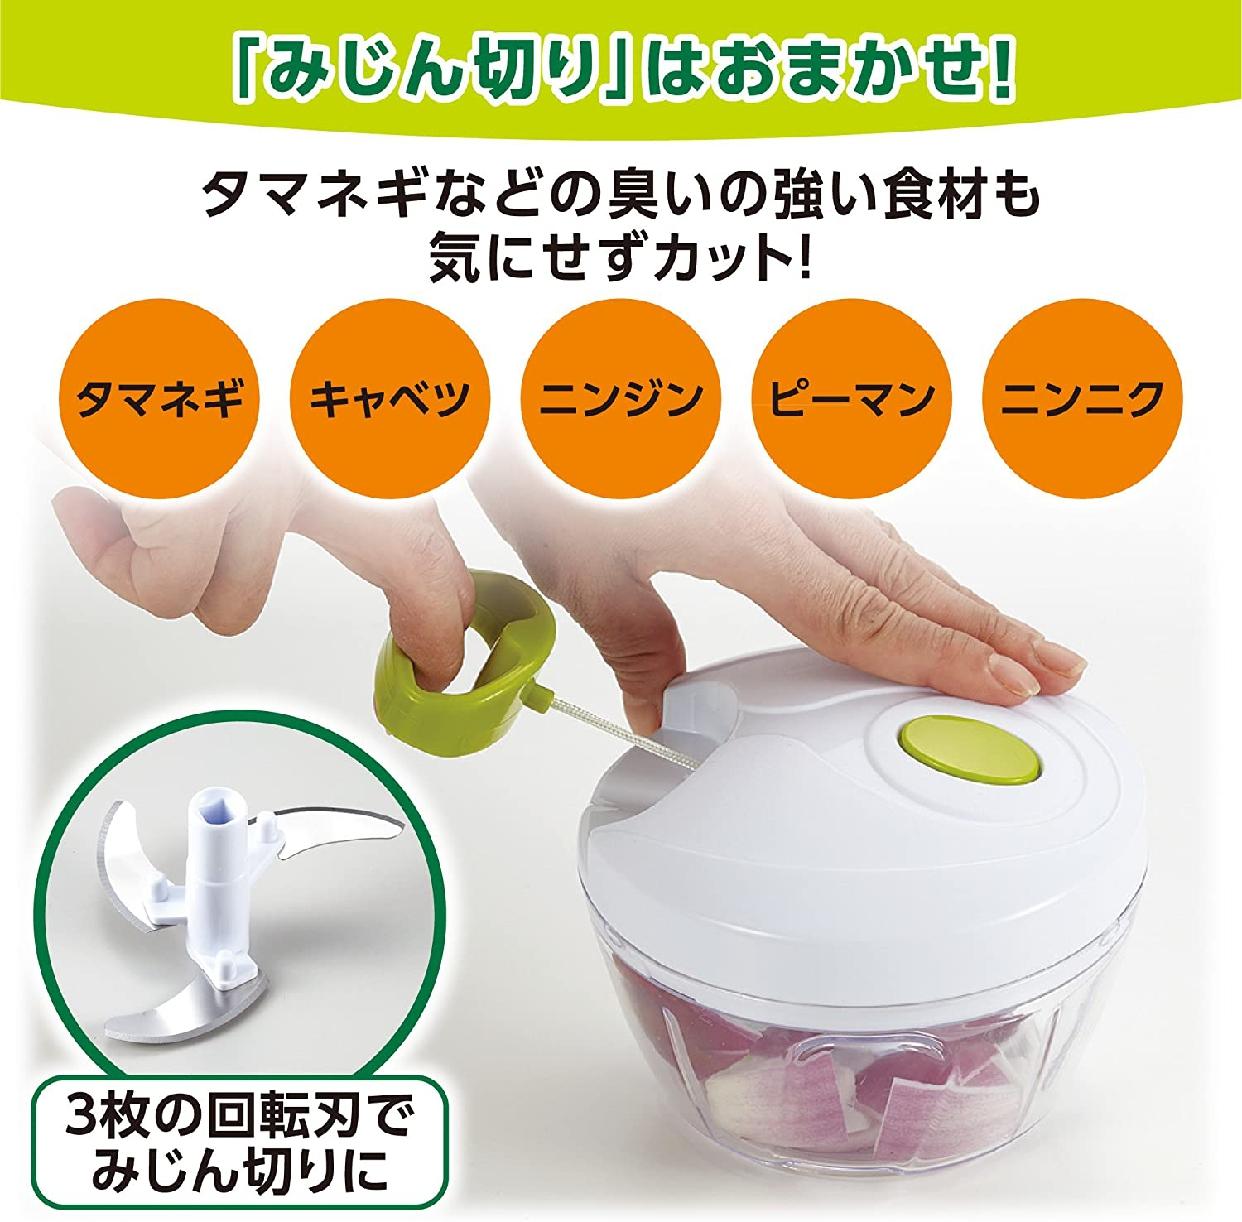 竹原製罐(TAKECHAN) 簡単みじん切りチョッパー A-80 ホワイトの商品画像4